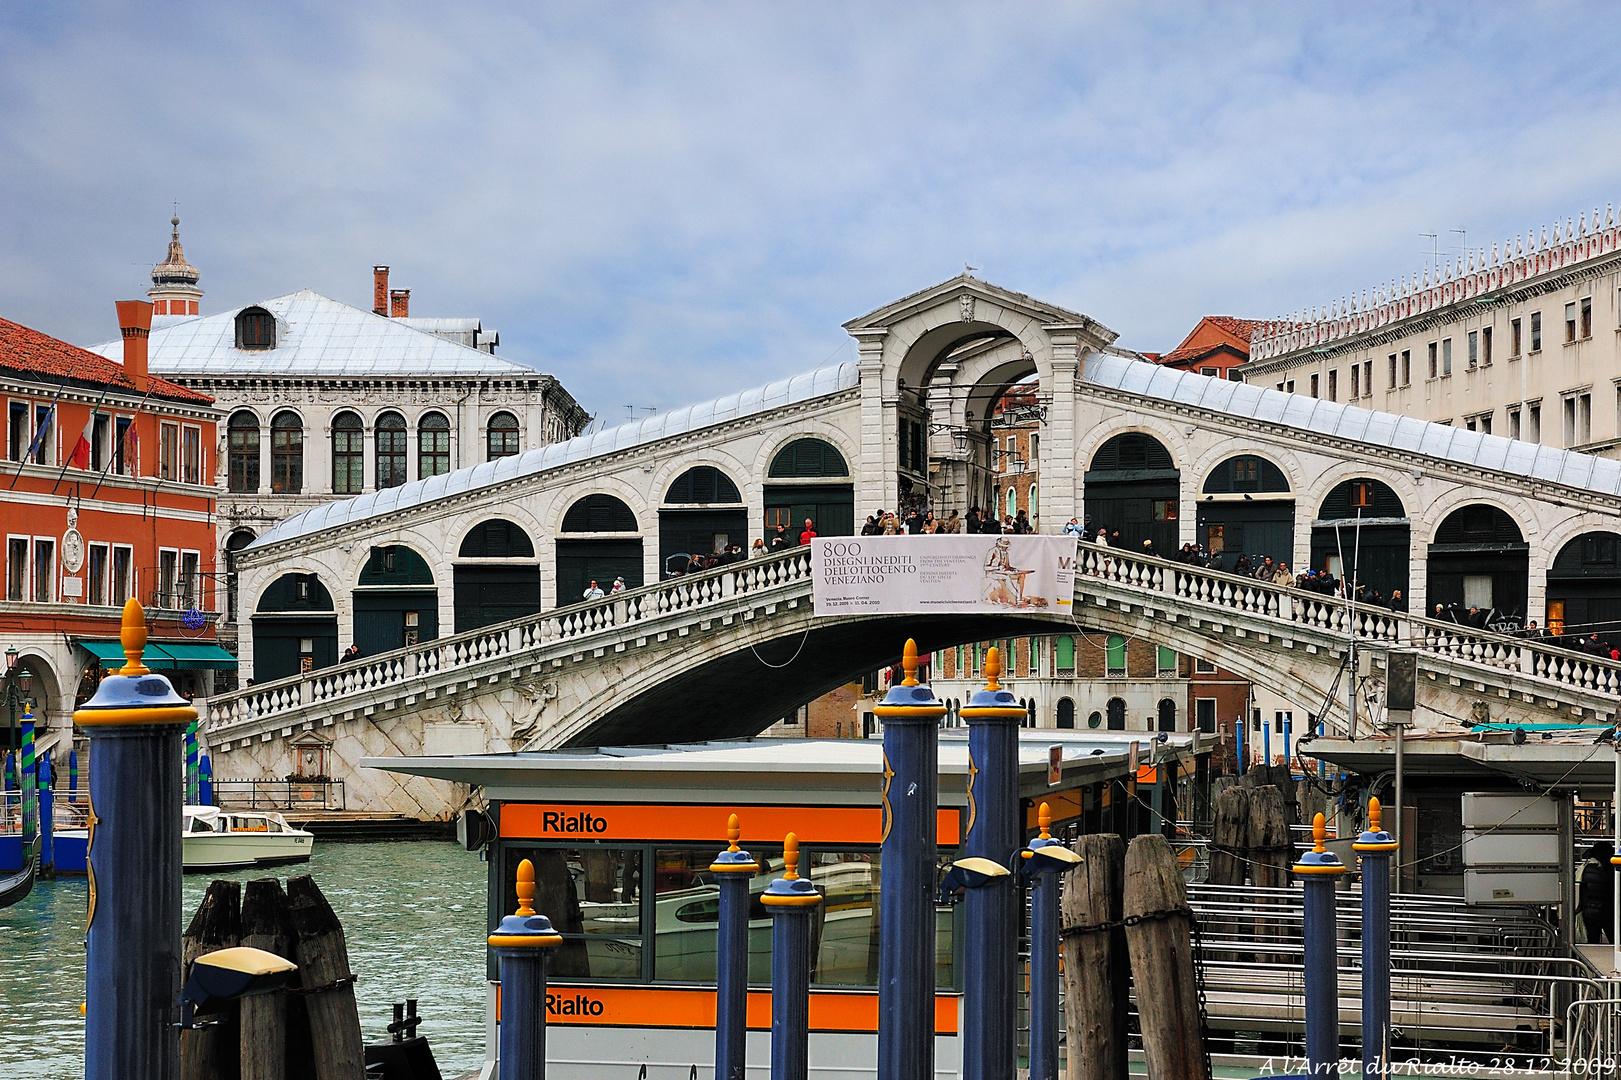 A l'Arrêt du Pont du Rialto (28.12.2009)